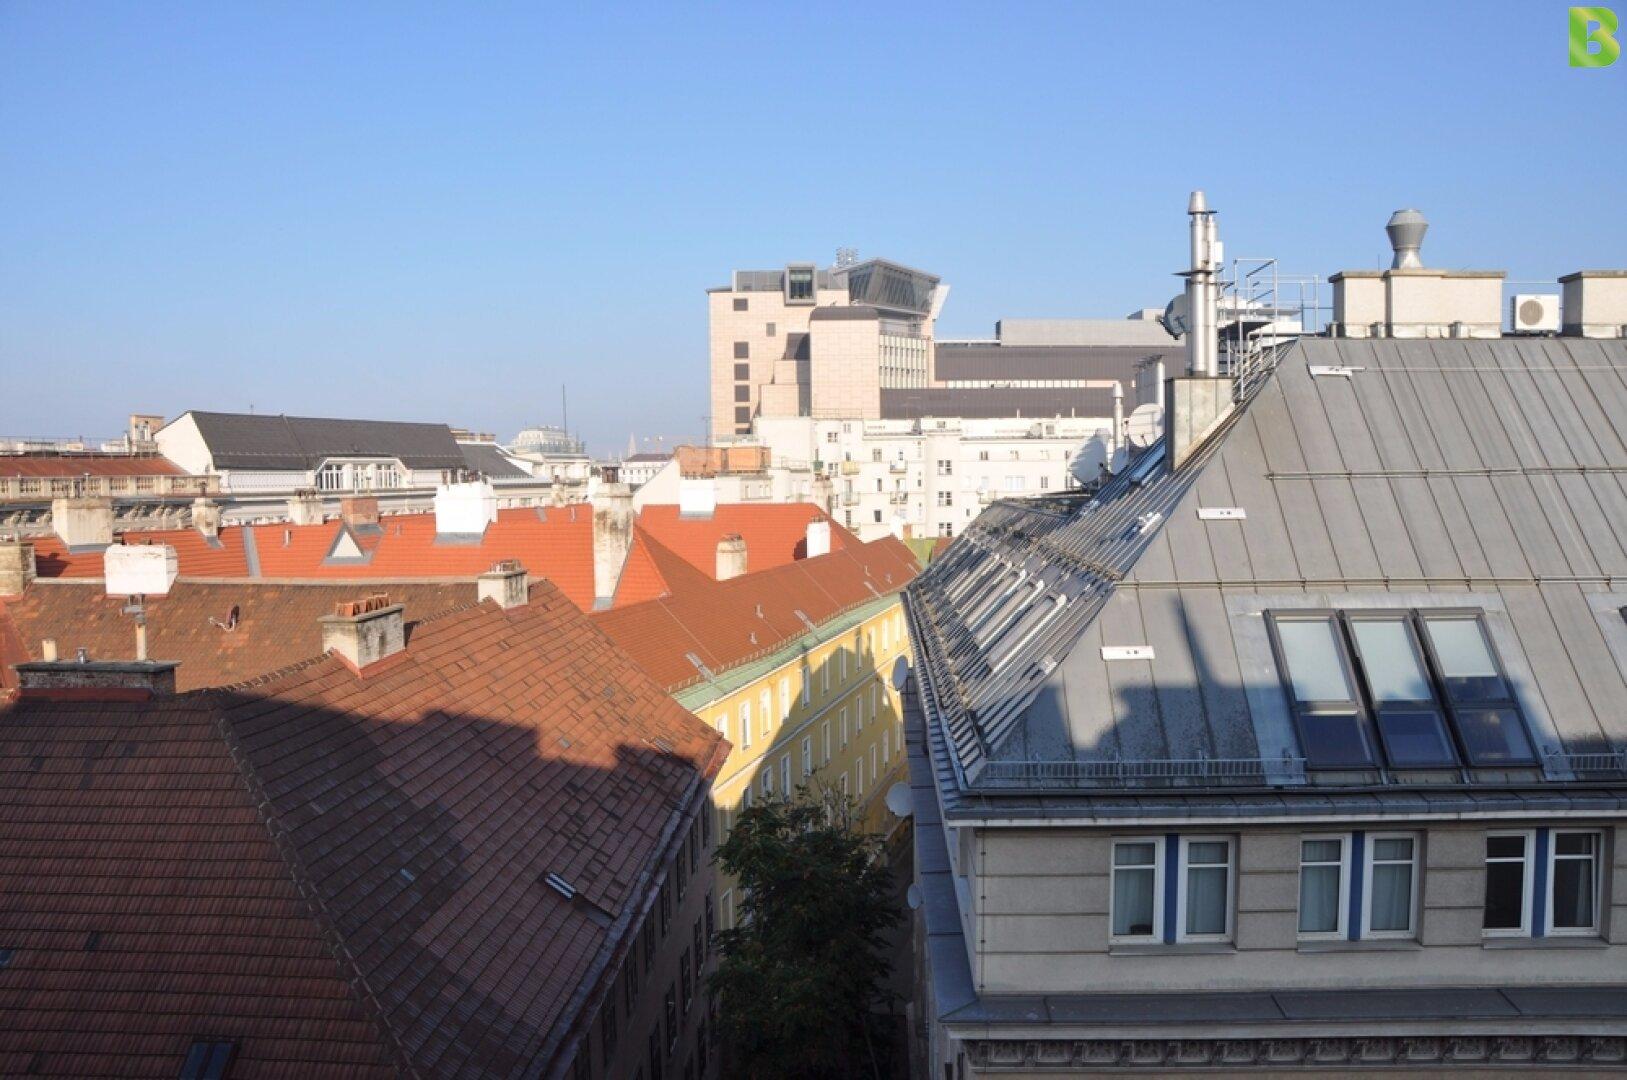 Dachgeschoß-aussichtsreich